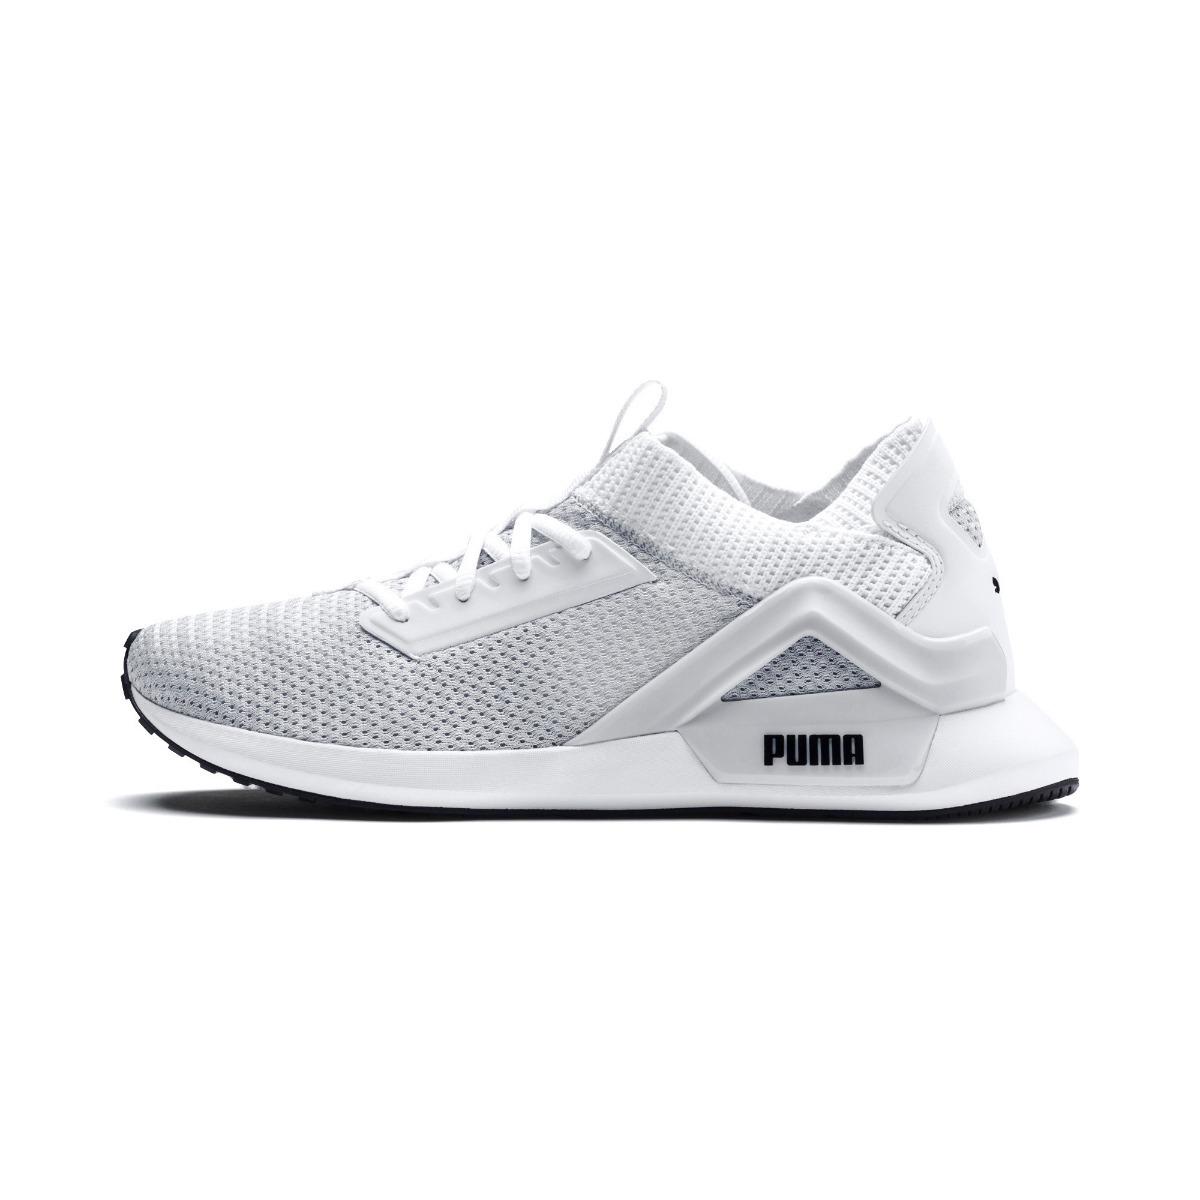 e32004eaf tenis puma rogue blanco run correr hombre original a meses. Cargando zoom.